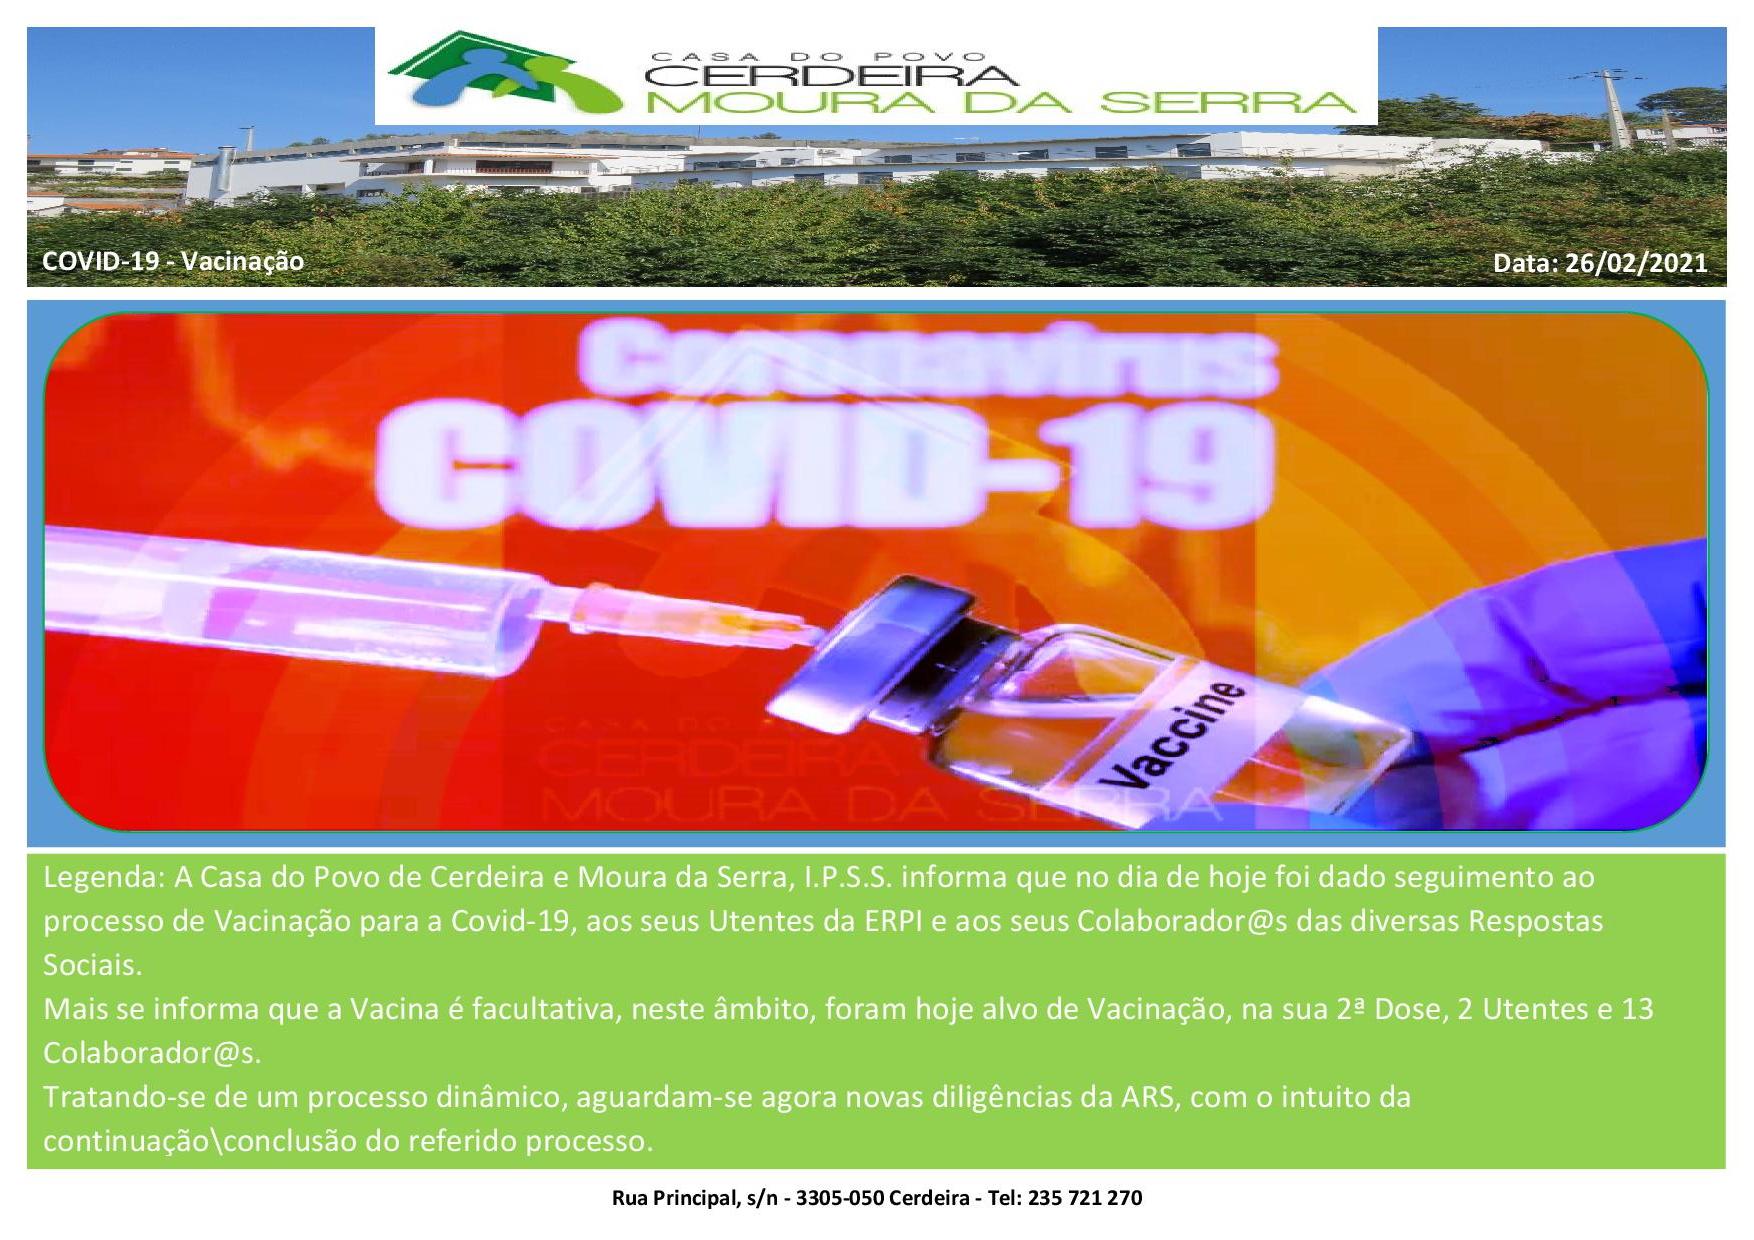 Casa do Povo de Cerdeira e Moura da Serra, I.P.S.S. – Vacinação 3 (Covid-19)